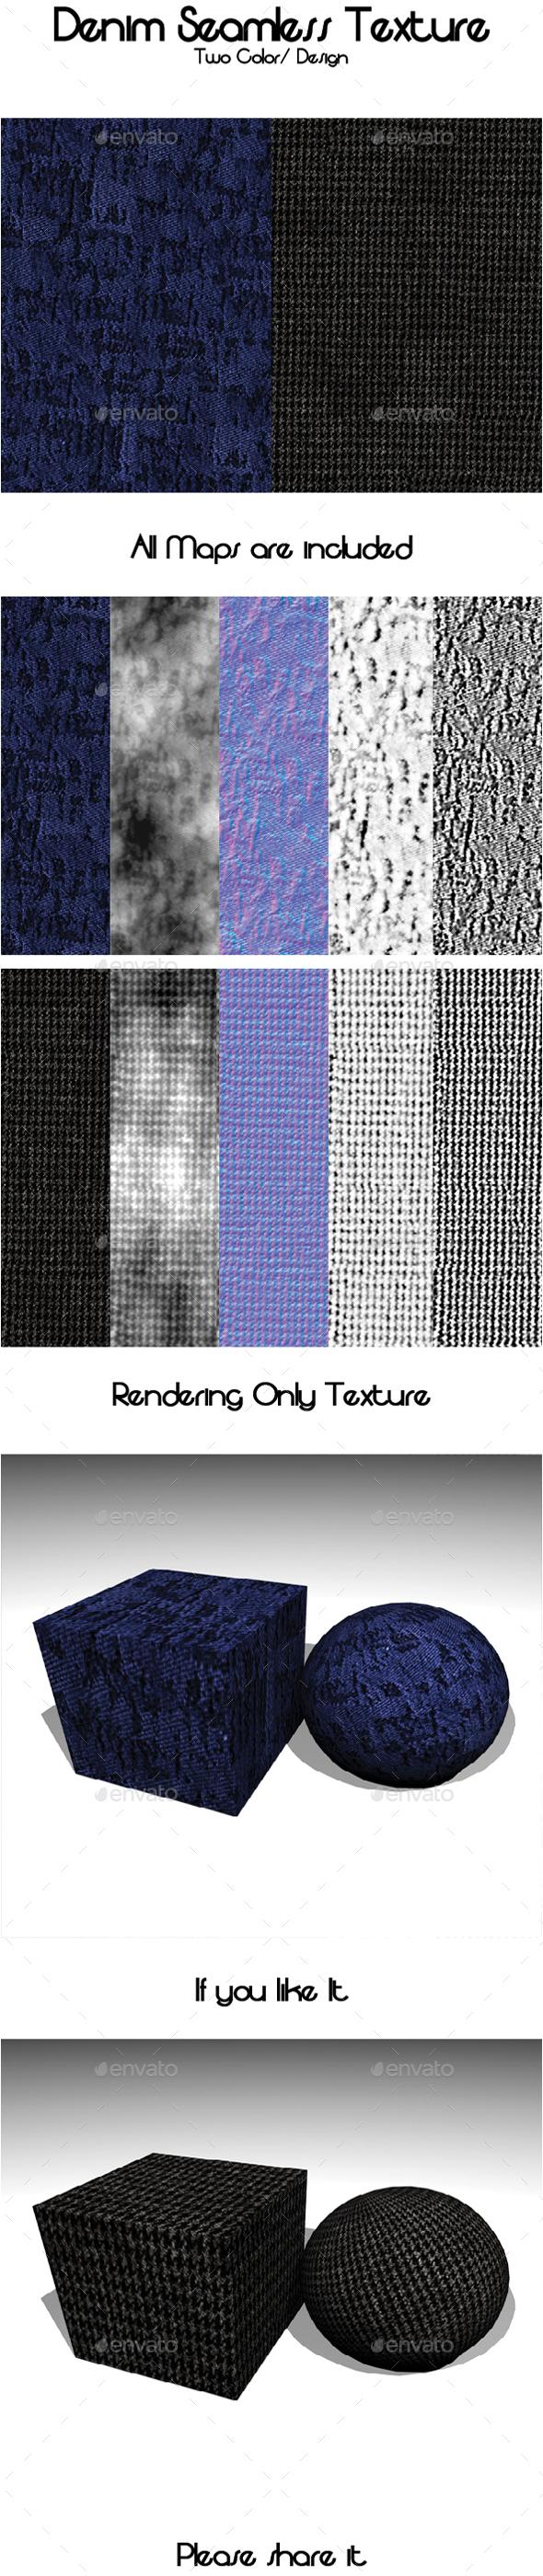 3DOcean Denim Seamless Texture 19944629